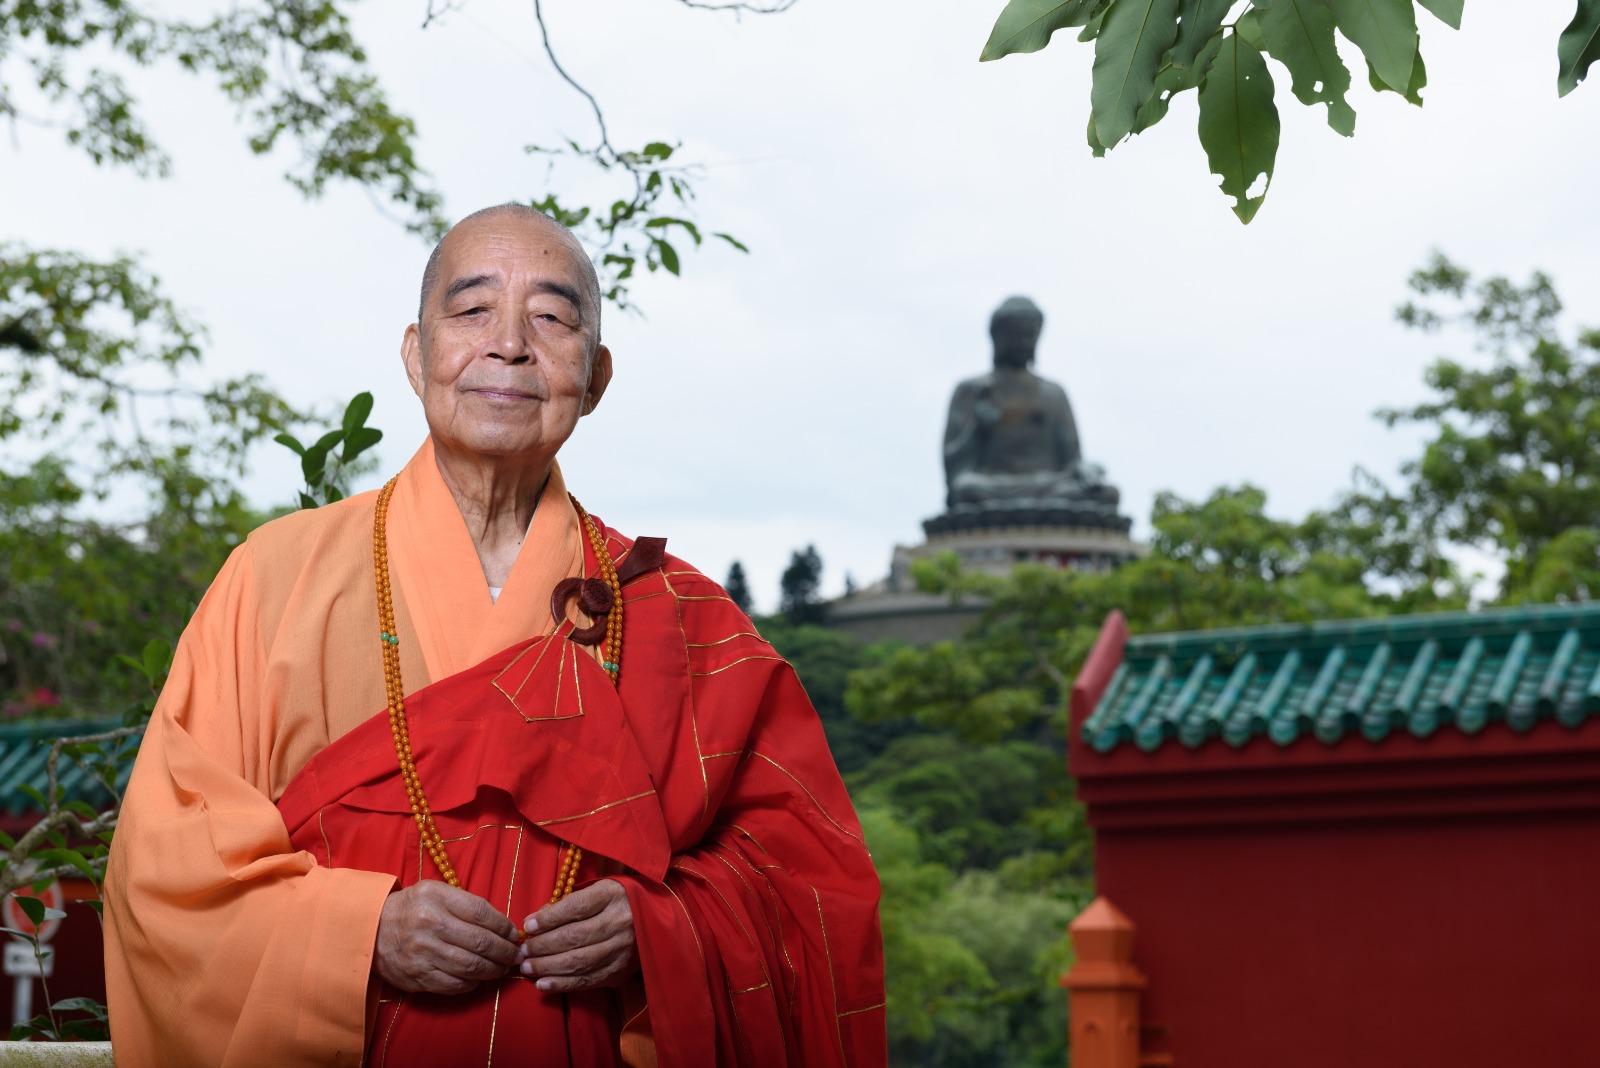 香港佛教联合会荣誉会长智慧长老圆寂,享年86岁